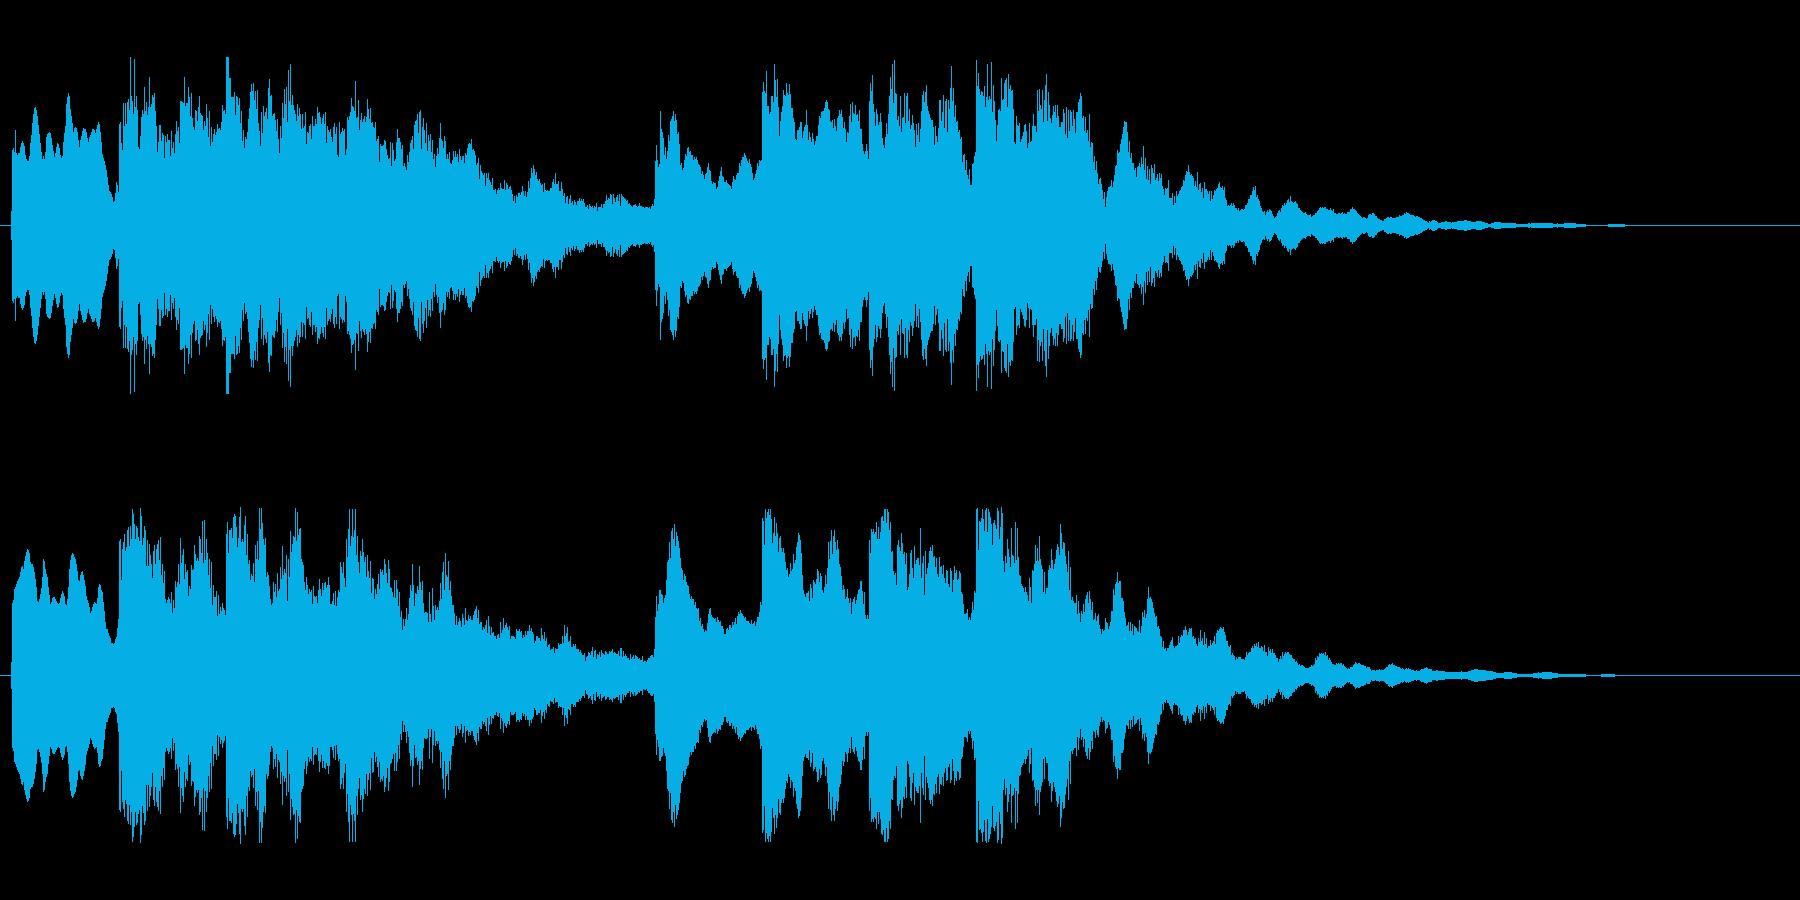 キーンコーンカーンコーン03(通常1回)の再生済みの波形